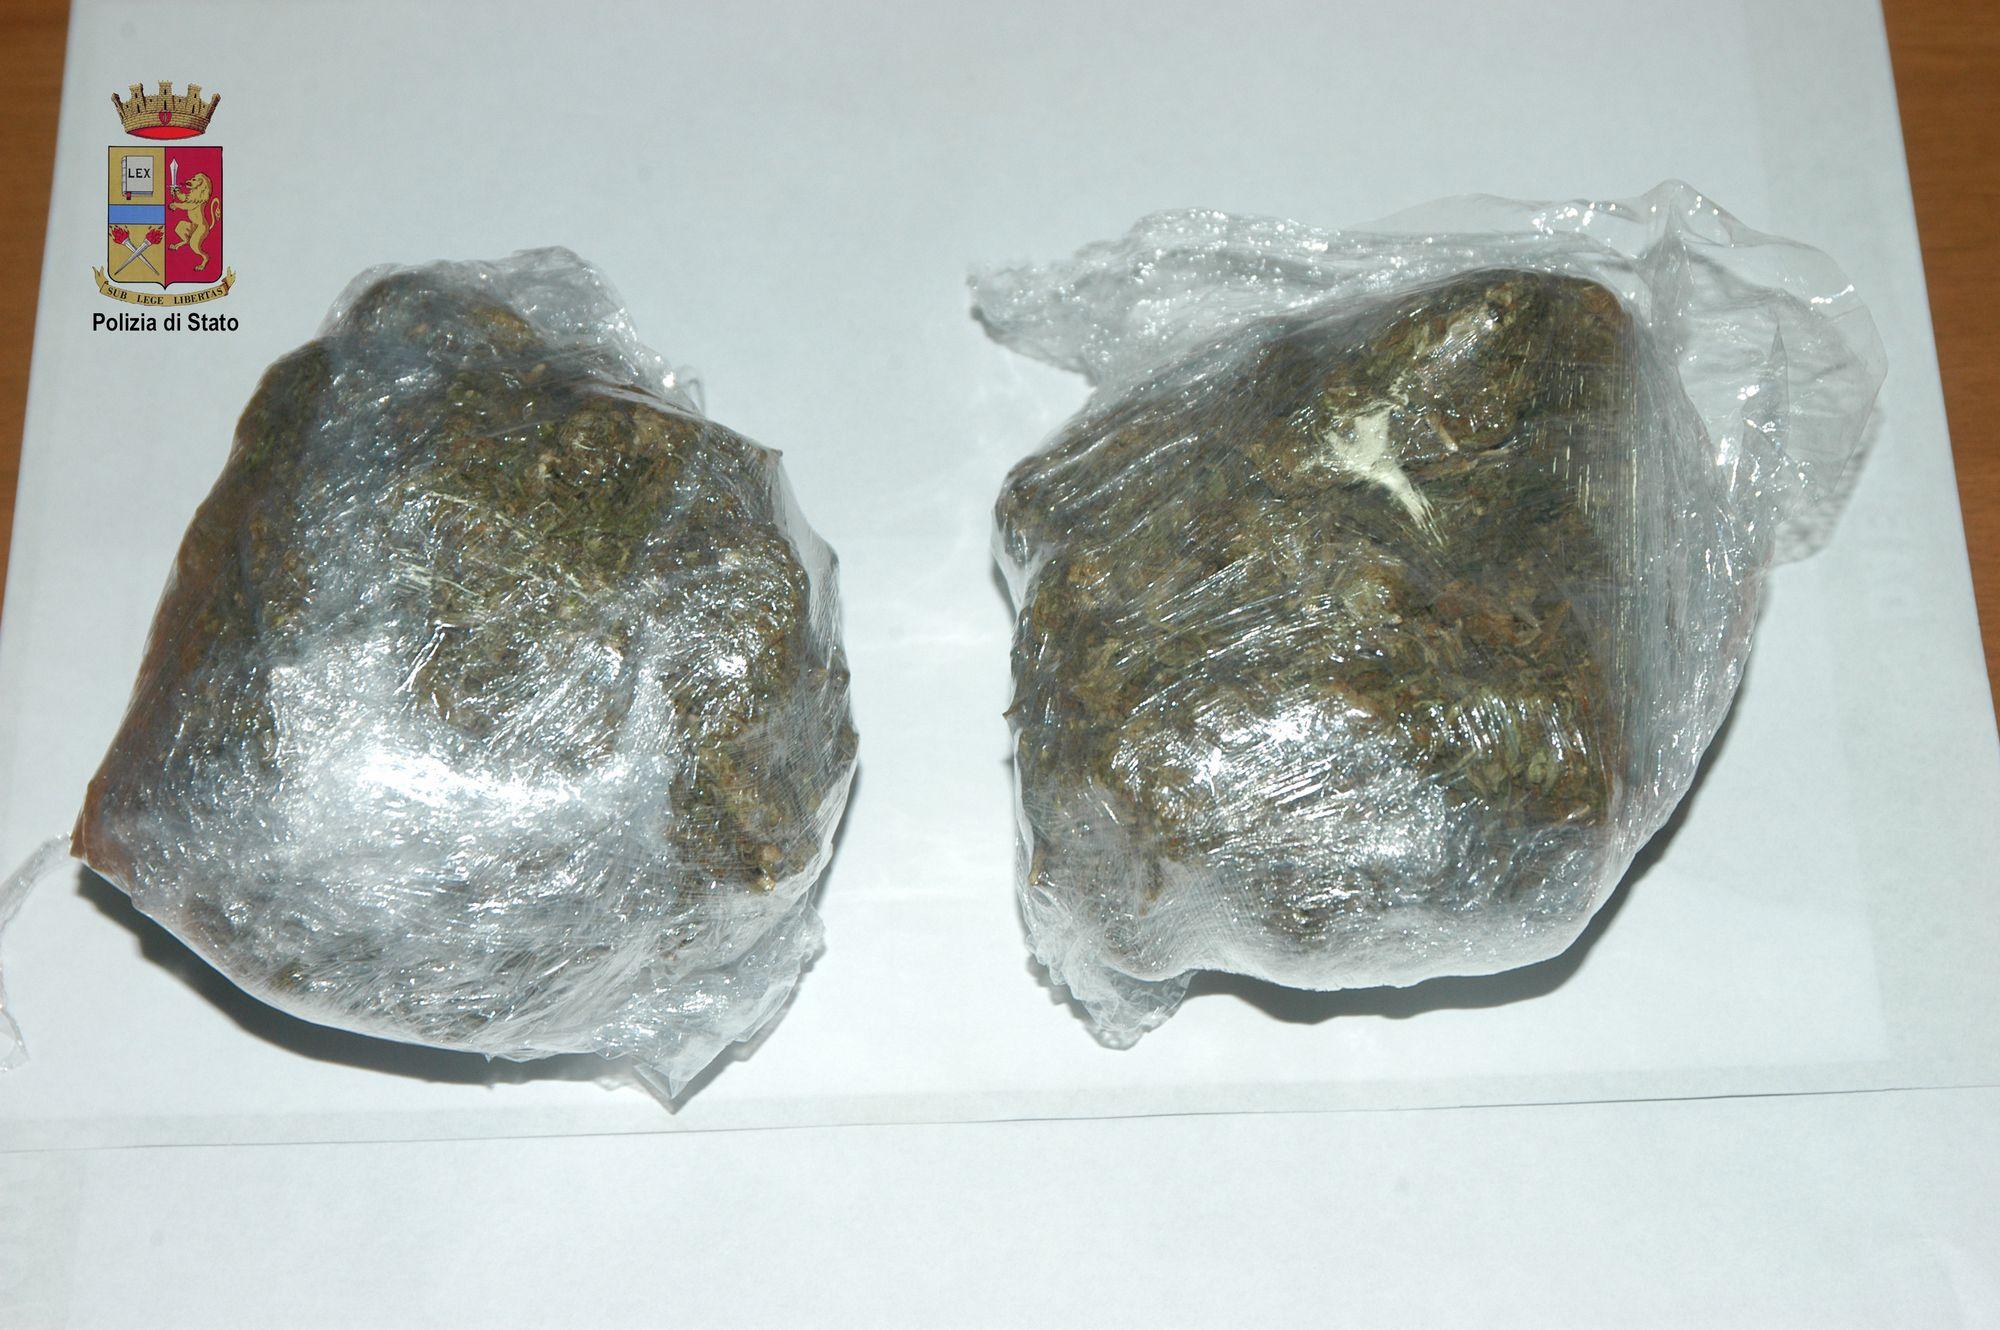 tn marijuana2